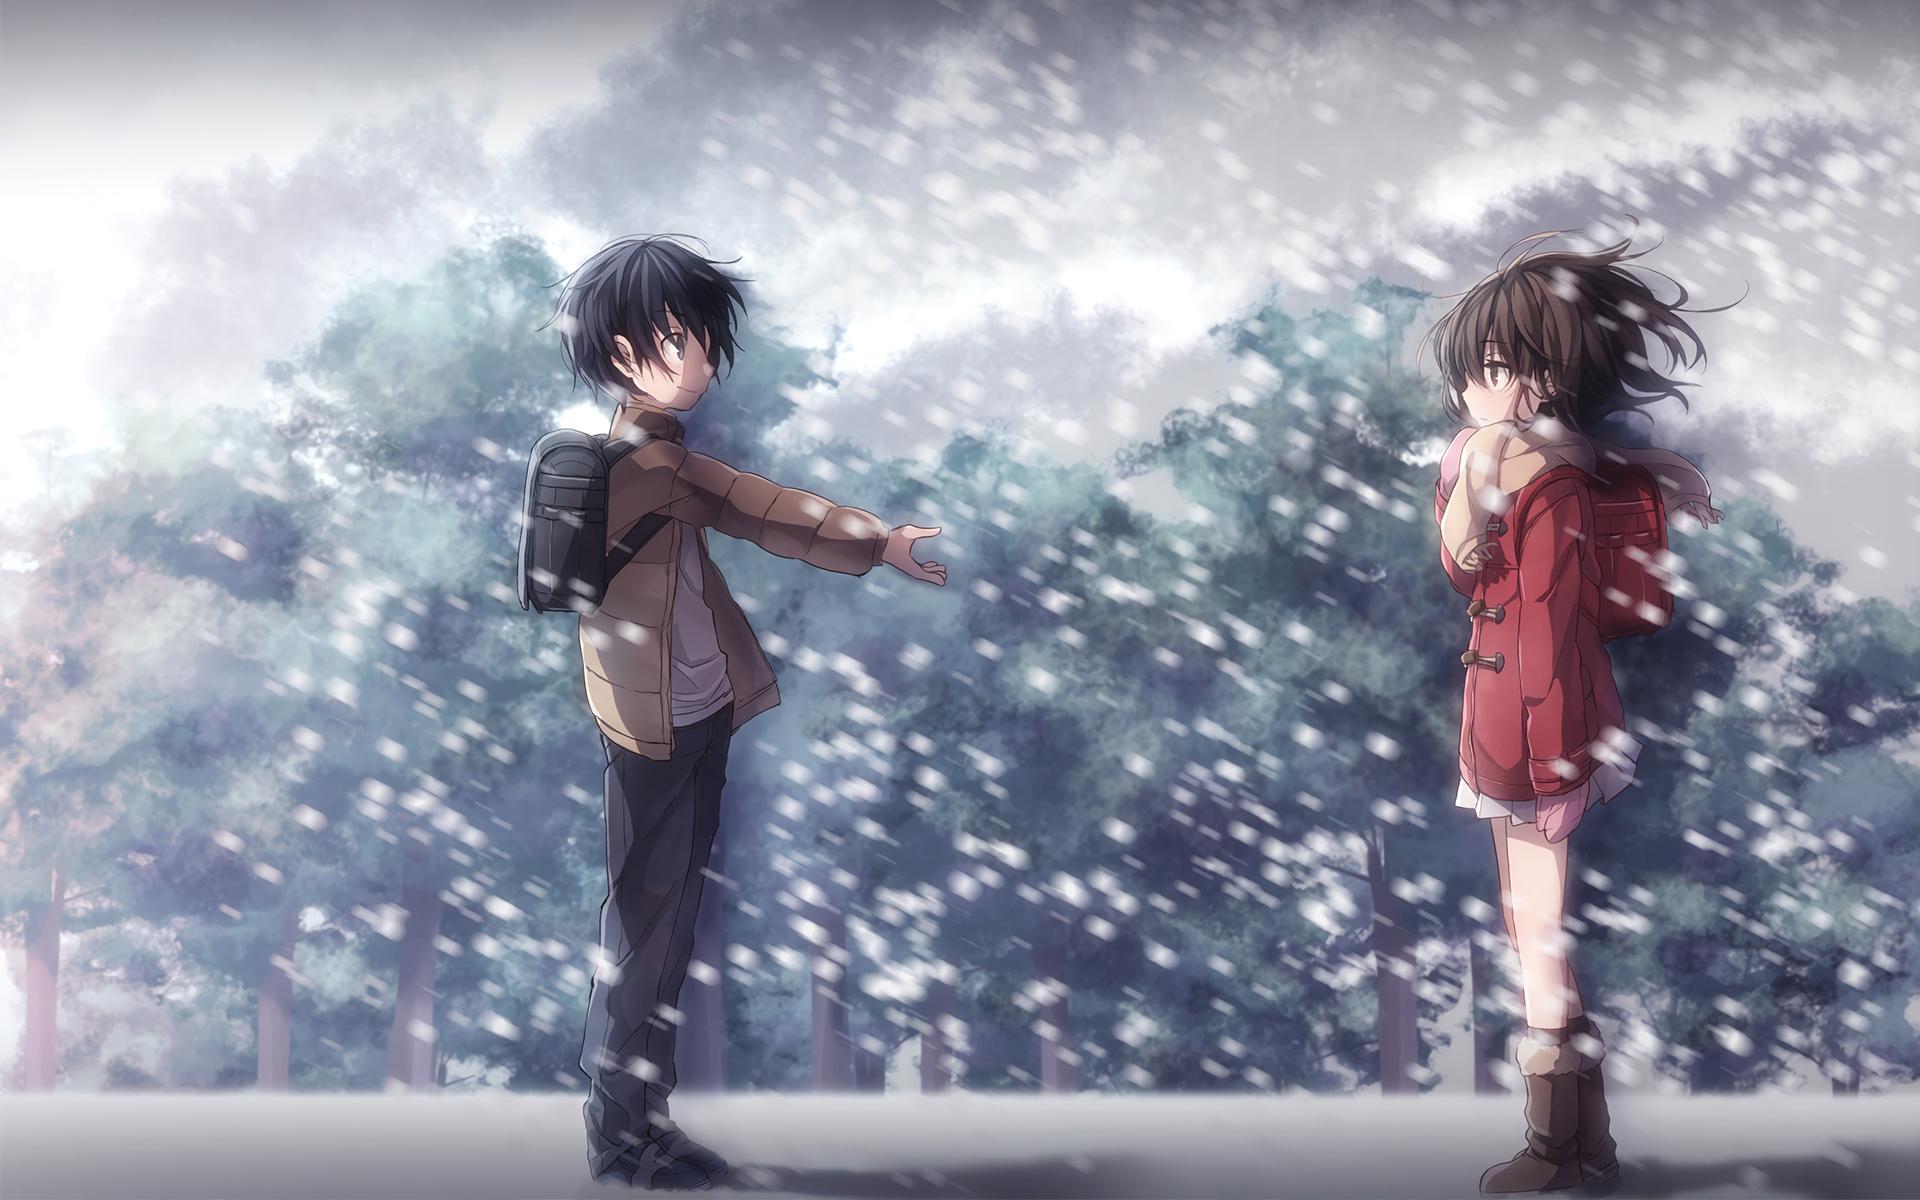 Anime Resenha: Erased (Boku dake ga Inai Machi)